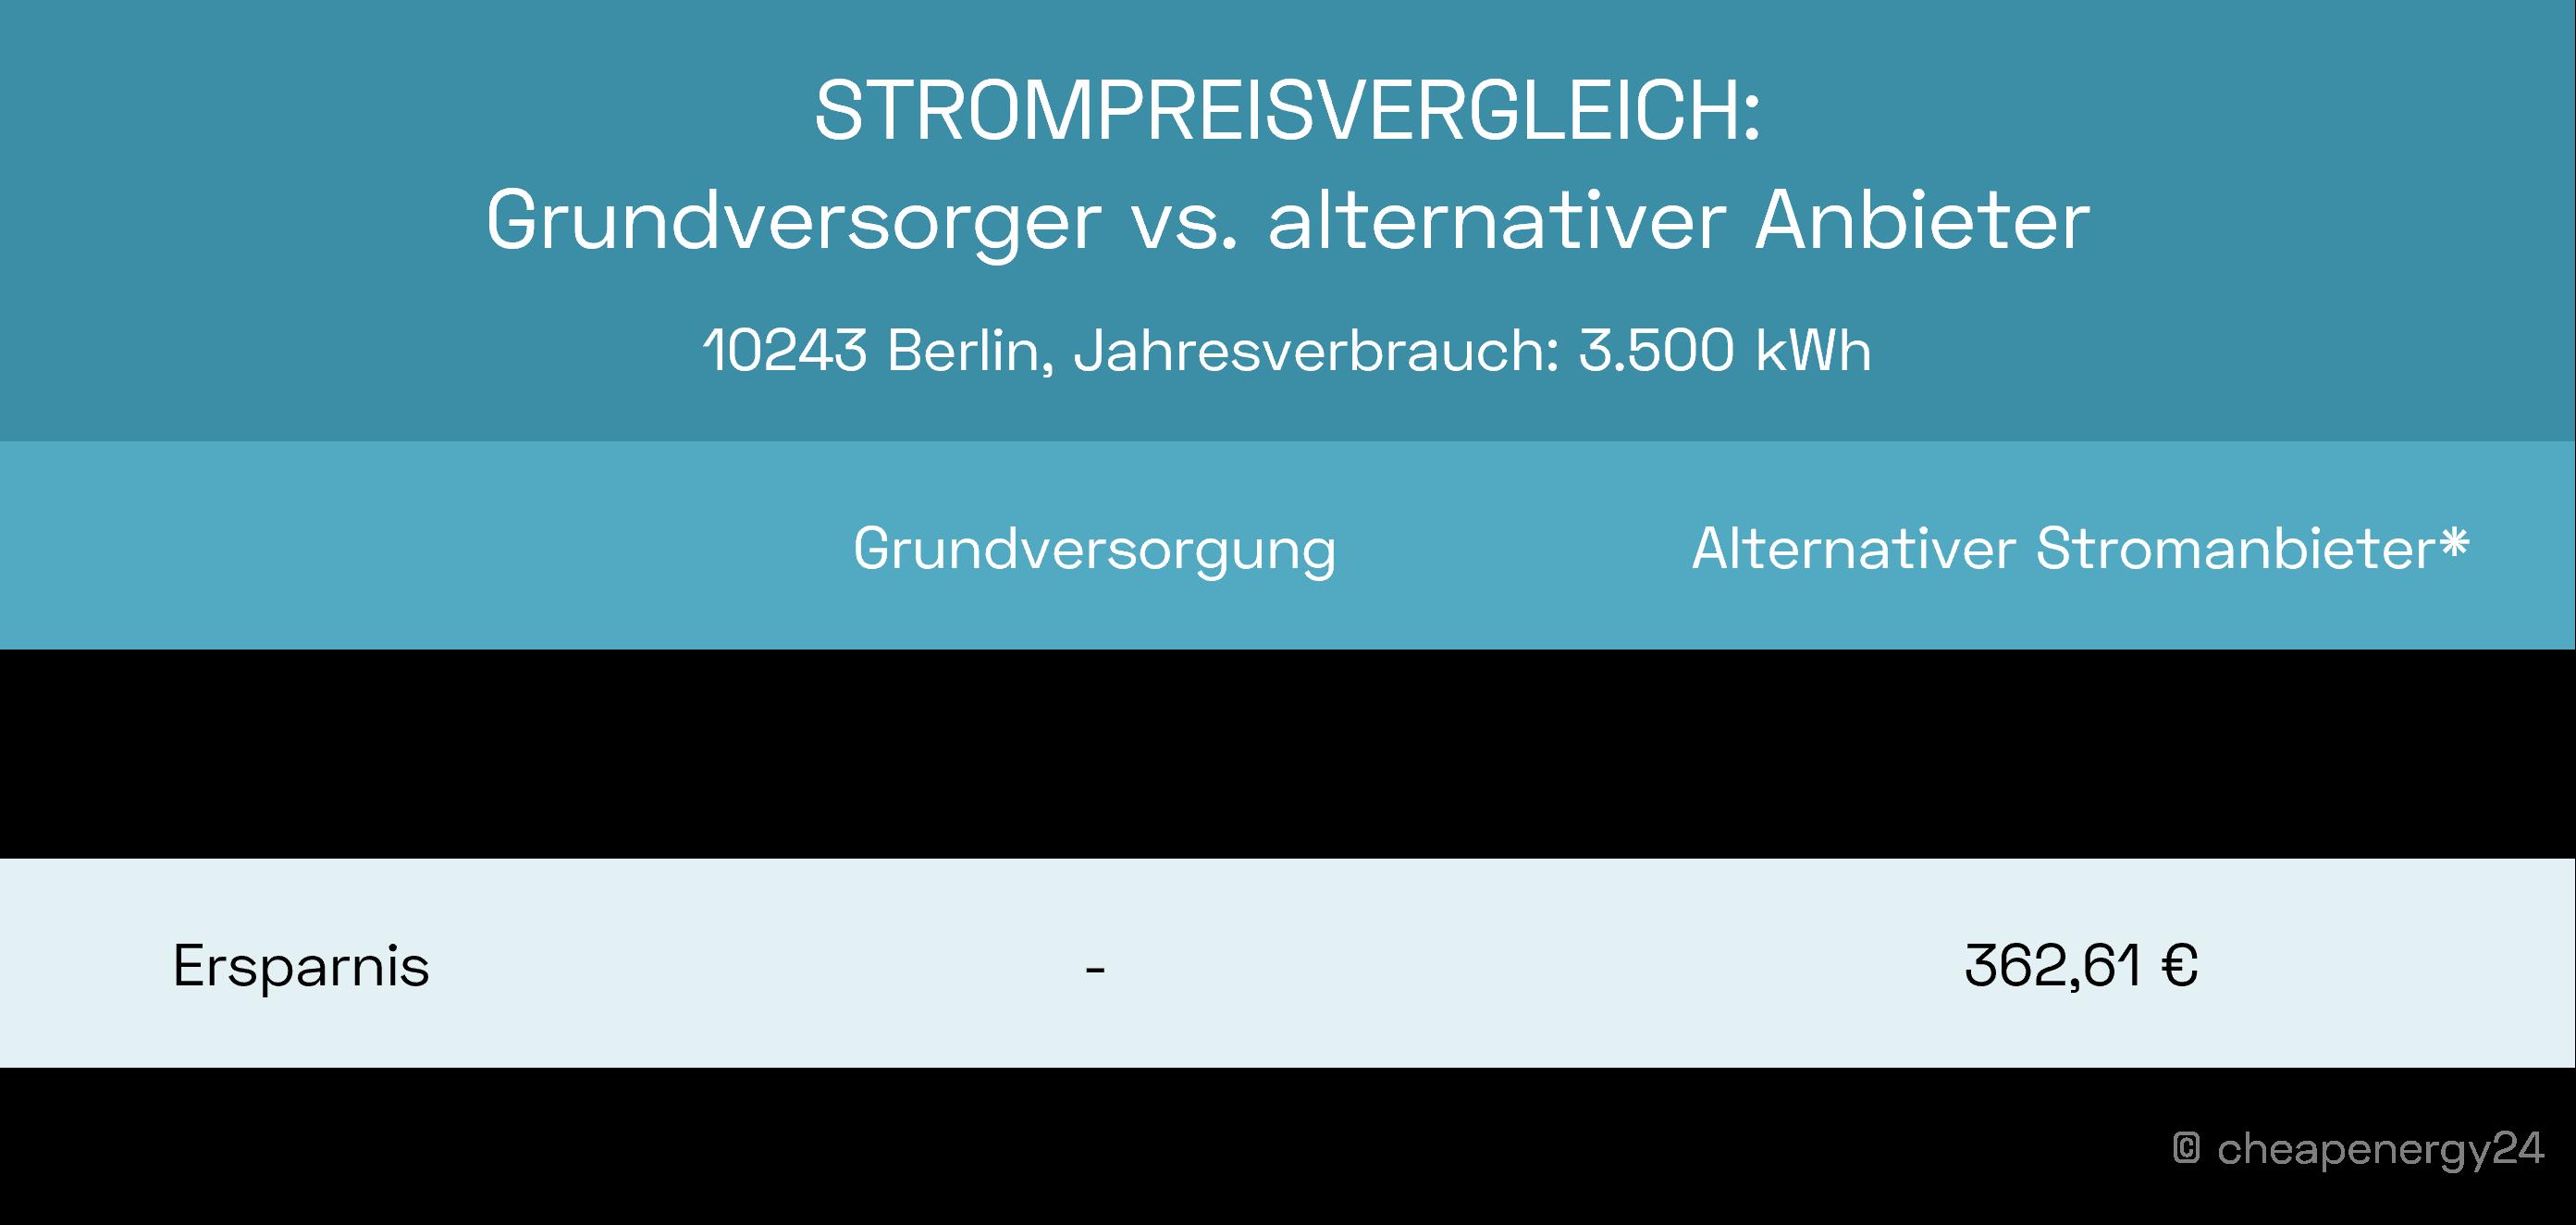 Strompreisvergleich Grundversorgung vs. alternativer Stromanbieter in Berlin